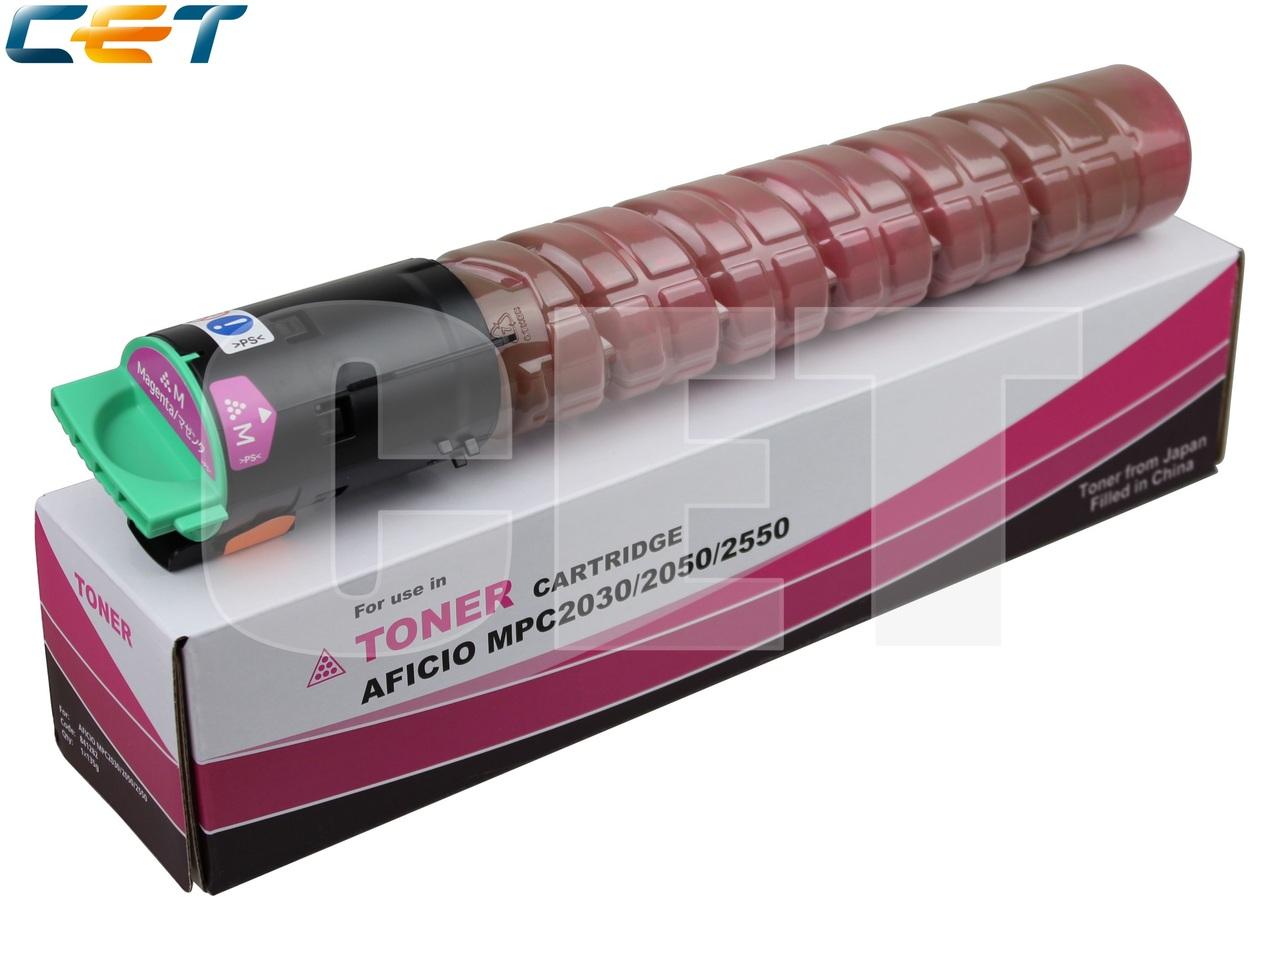 Тонер-картридж 841198 для RICOH AficioMPC2030/MPC2050/MPC2550/MPC2051/MPC2551 (CET)Magenta, 135г, 5500 стр., CET6411